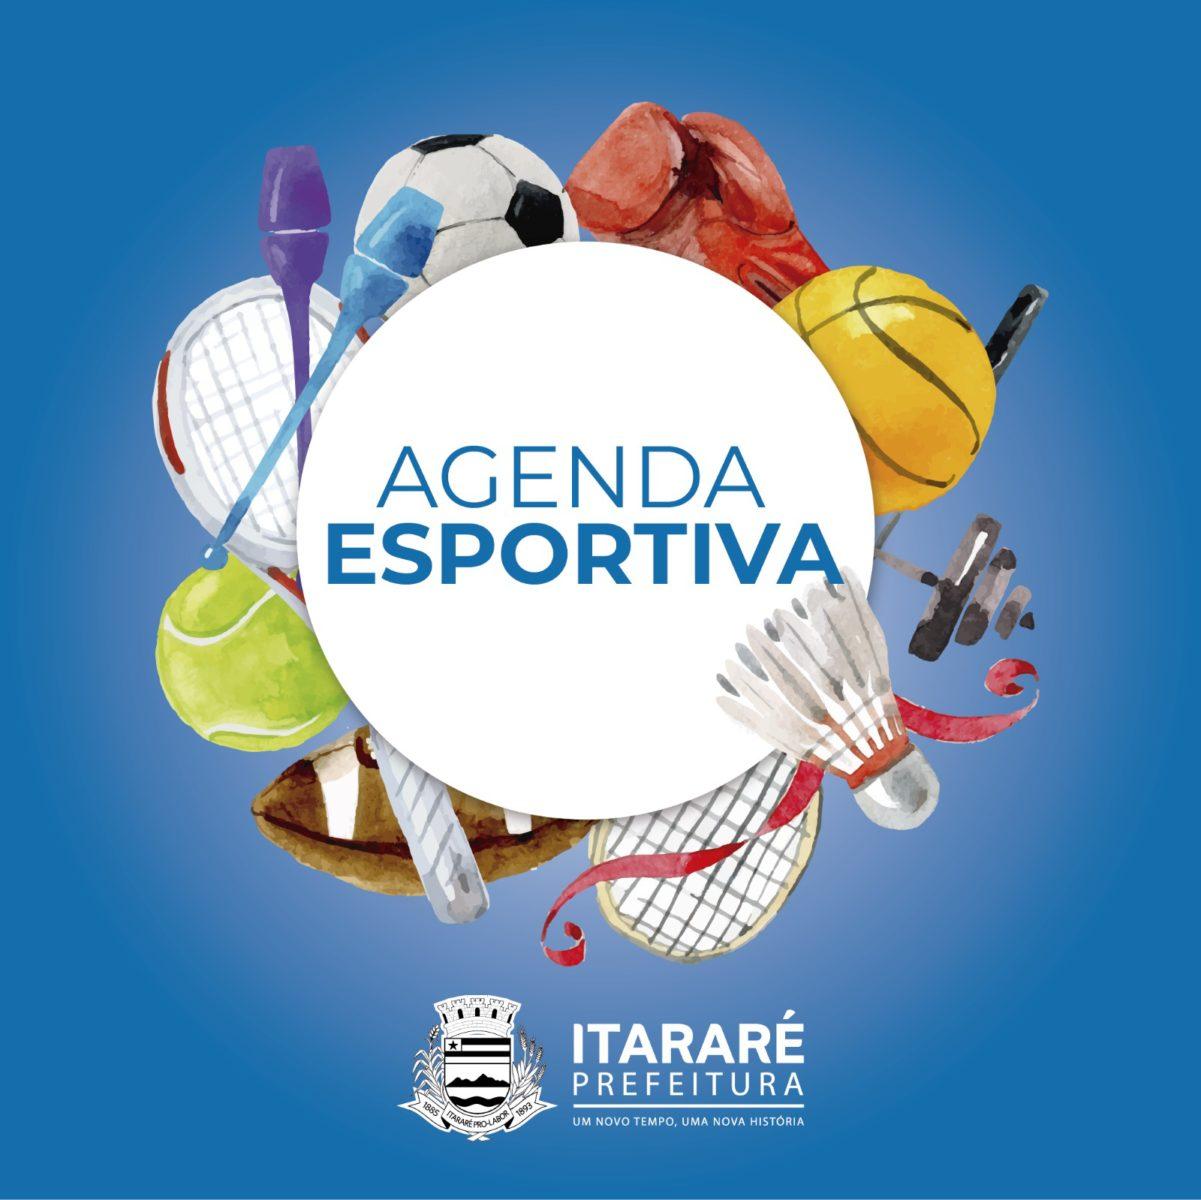 Agenda Esportiva: Voleibol de Itararé (SP) disputa semifinal pelos Jogos da Juventude do Estado de São Paulo